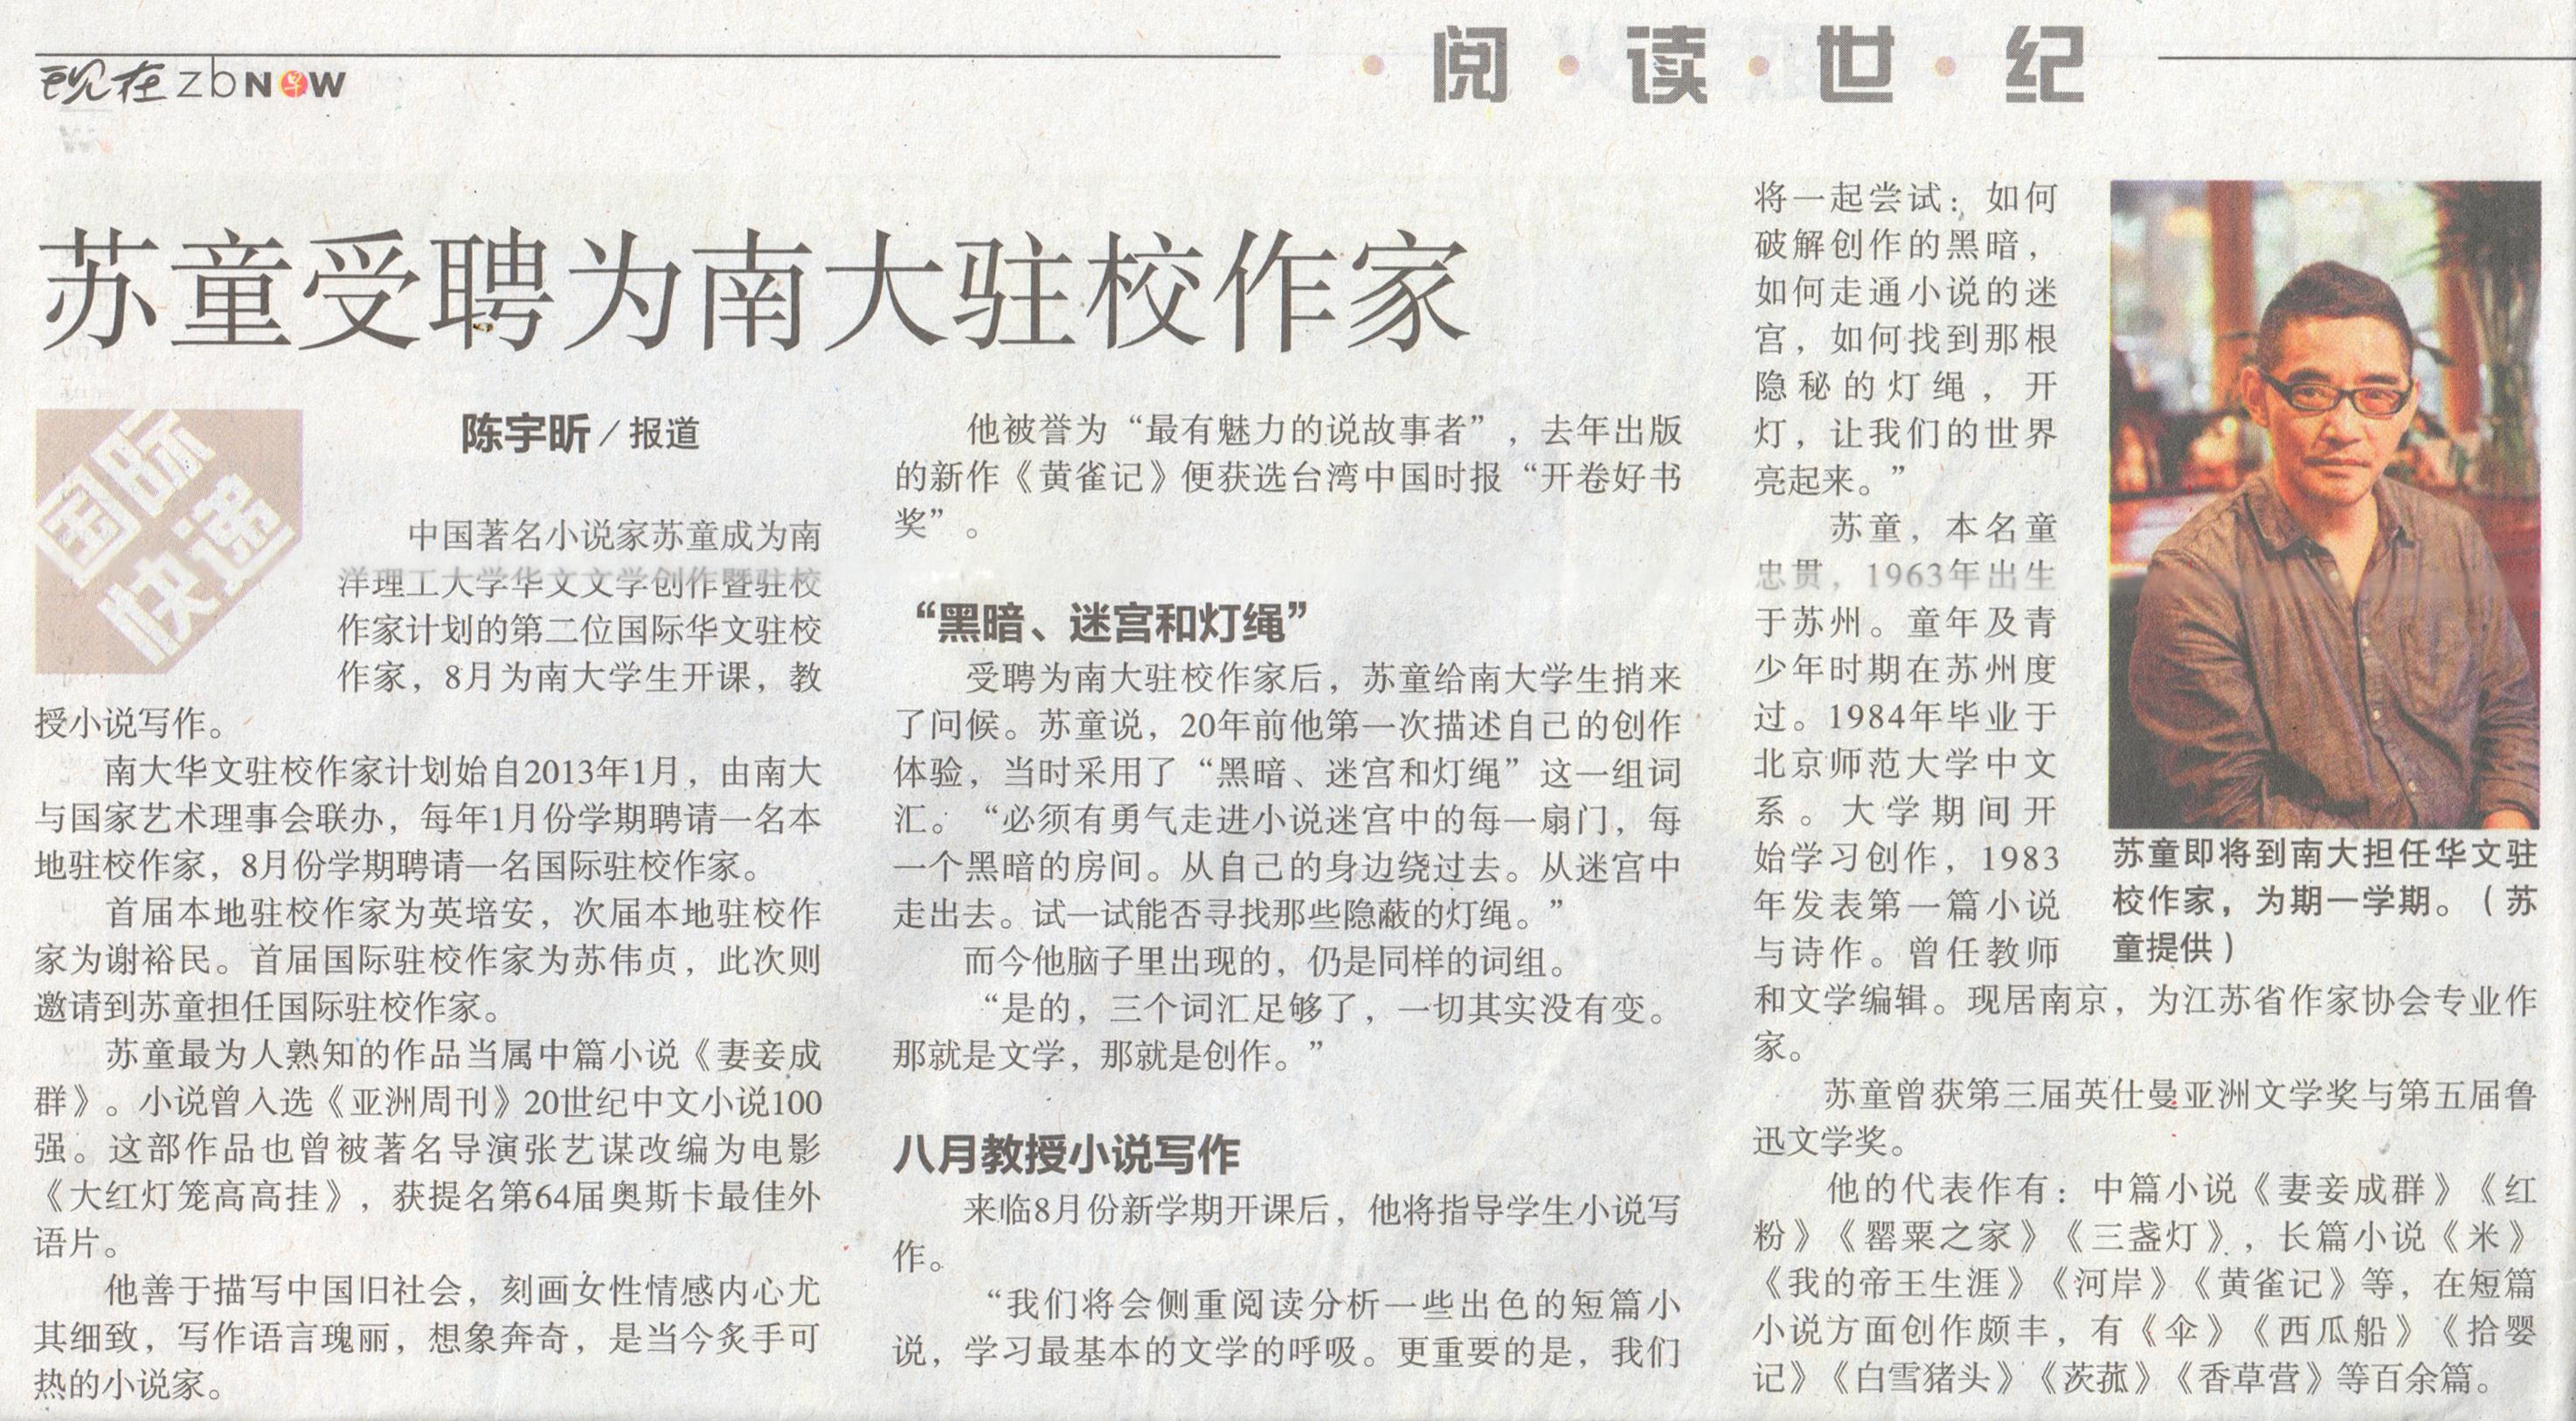 苏童受聘为南大驻校作家_w headline